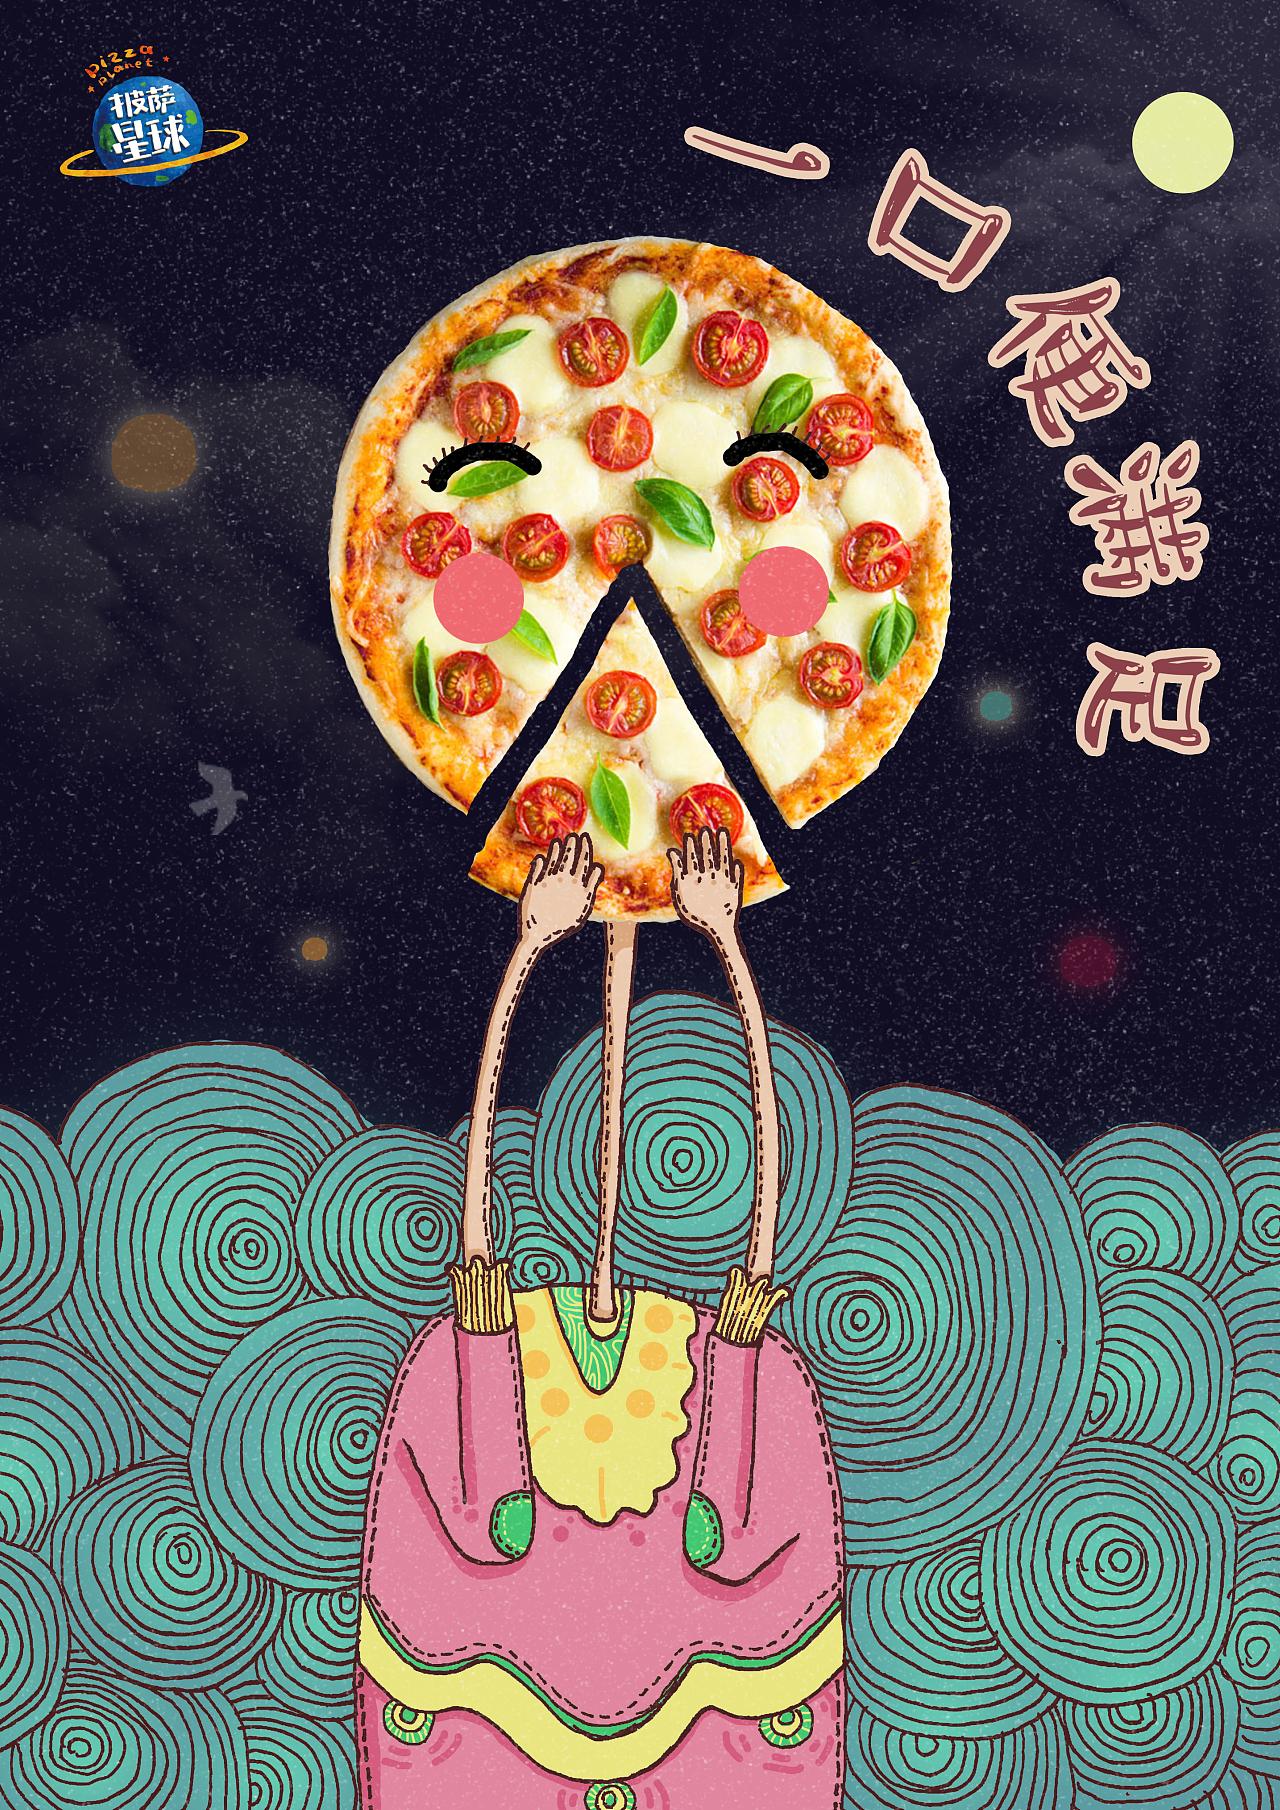 披萨星球 第八届大广赛披萨星球平面类作品 披萨海报图片